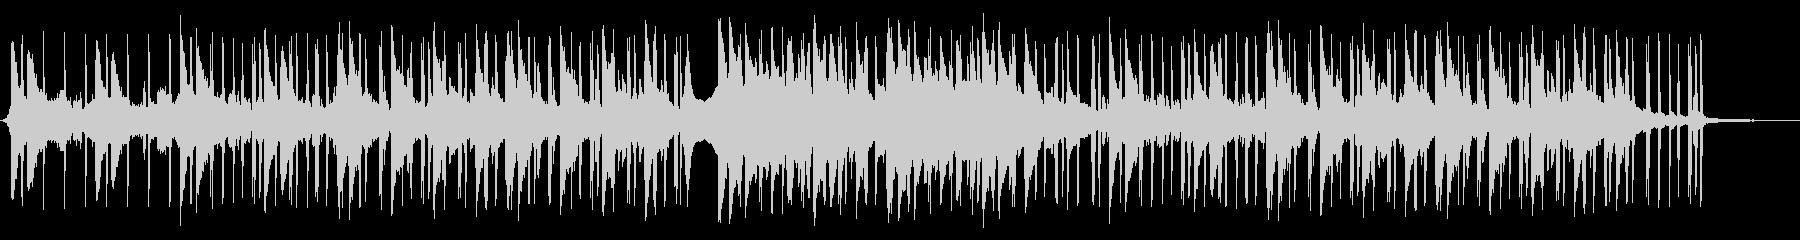 気だるげなピアノLOFI HIPHOPの未再生の波形